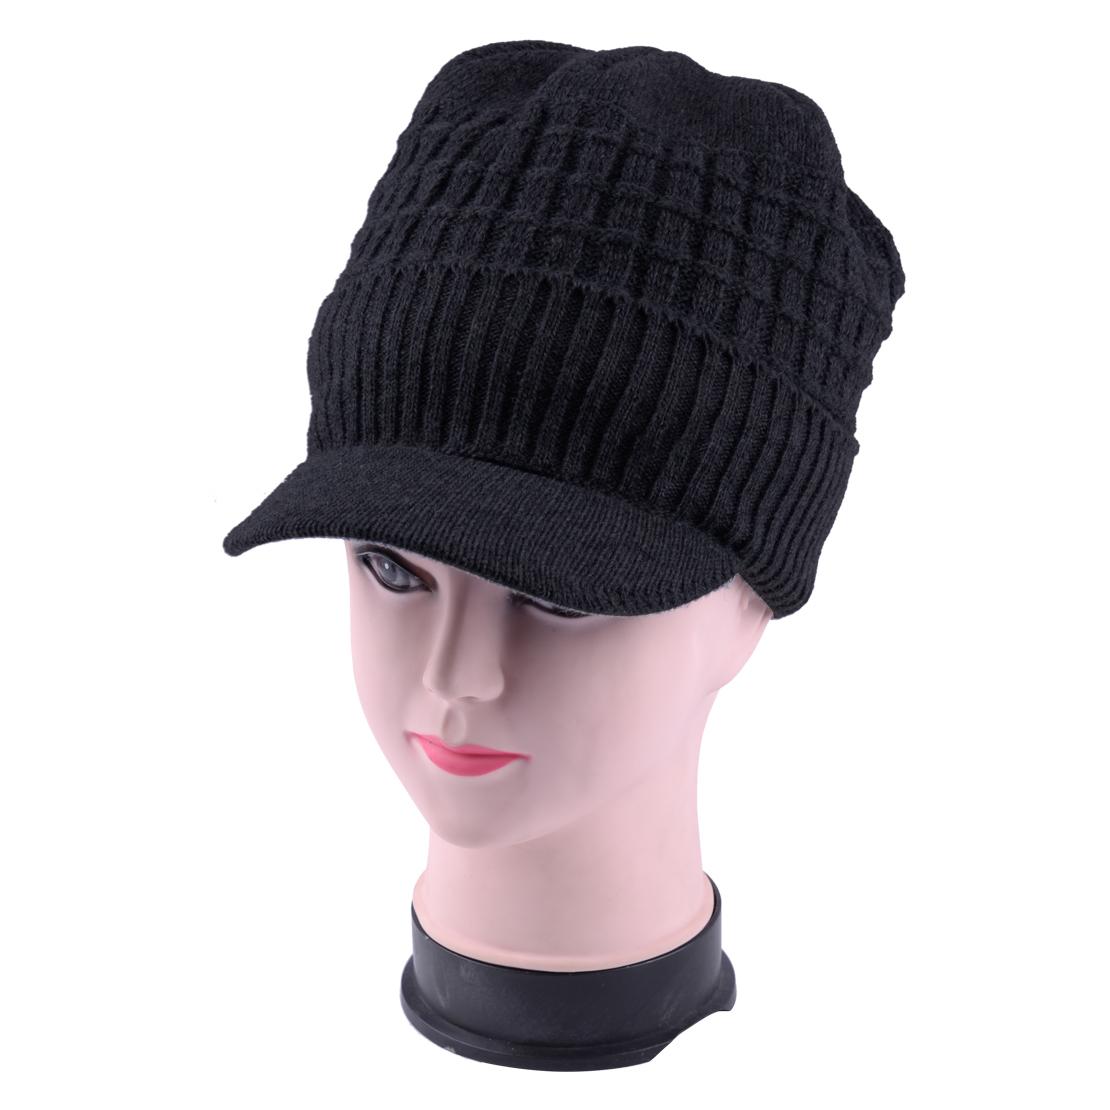 Tricote-Bonnet-Doublure-Casquette-d-039-hiver-Sport-Ski-Visiere-Chapeau-Hommes-Femme